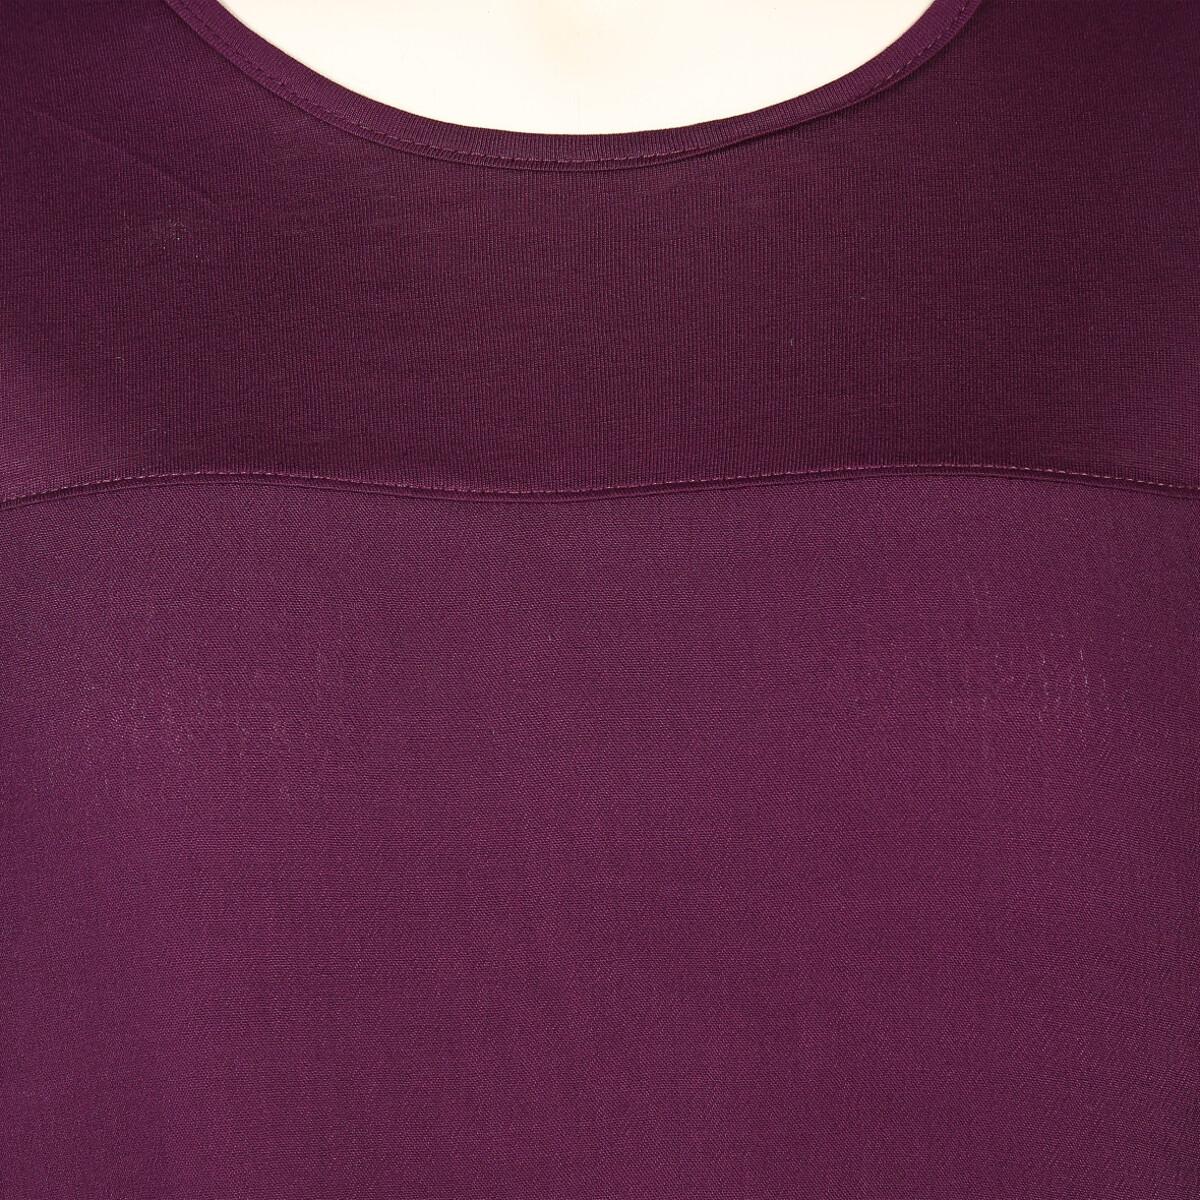 Bild 3 von Große Größen Shirt im Materialmix